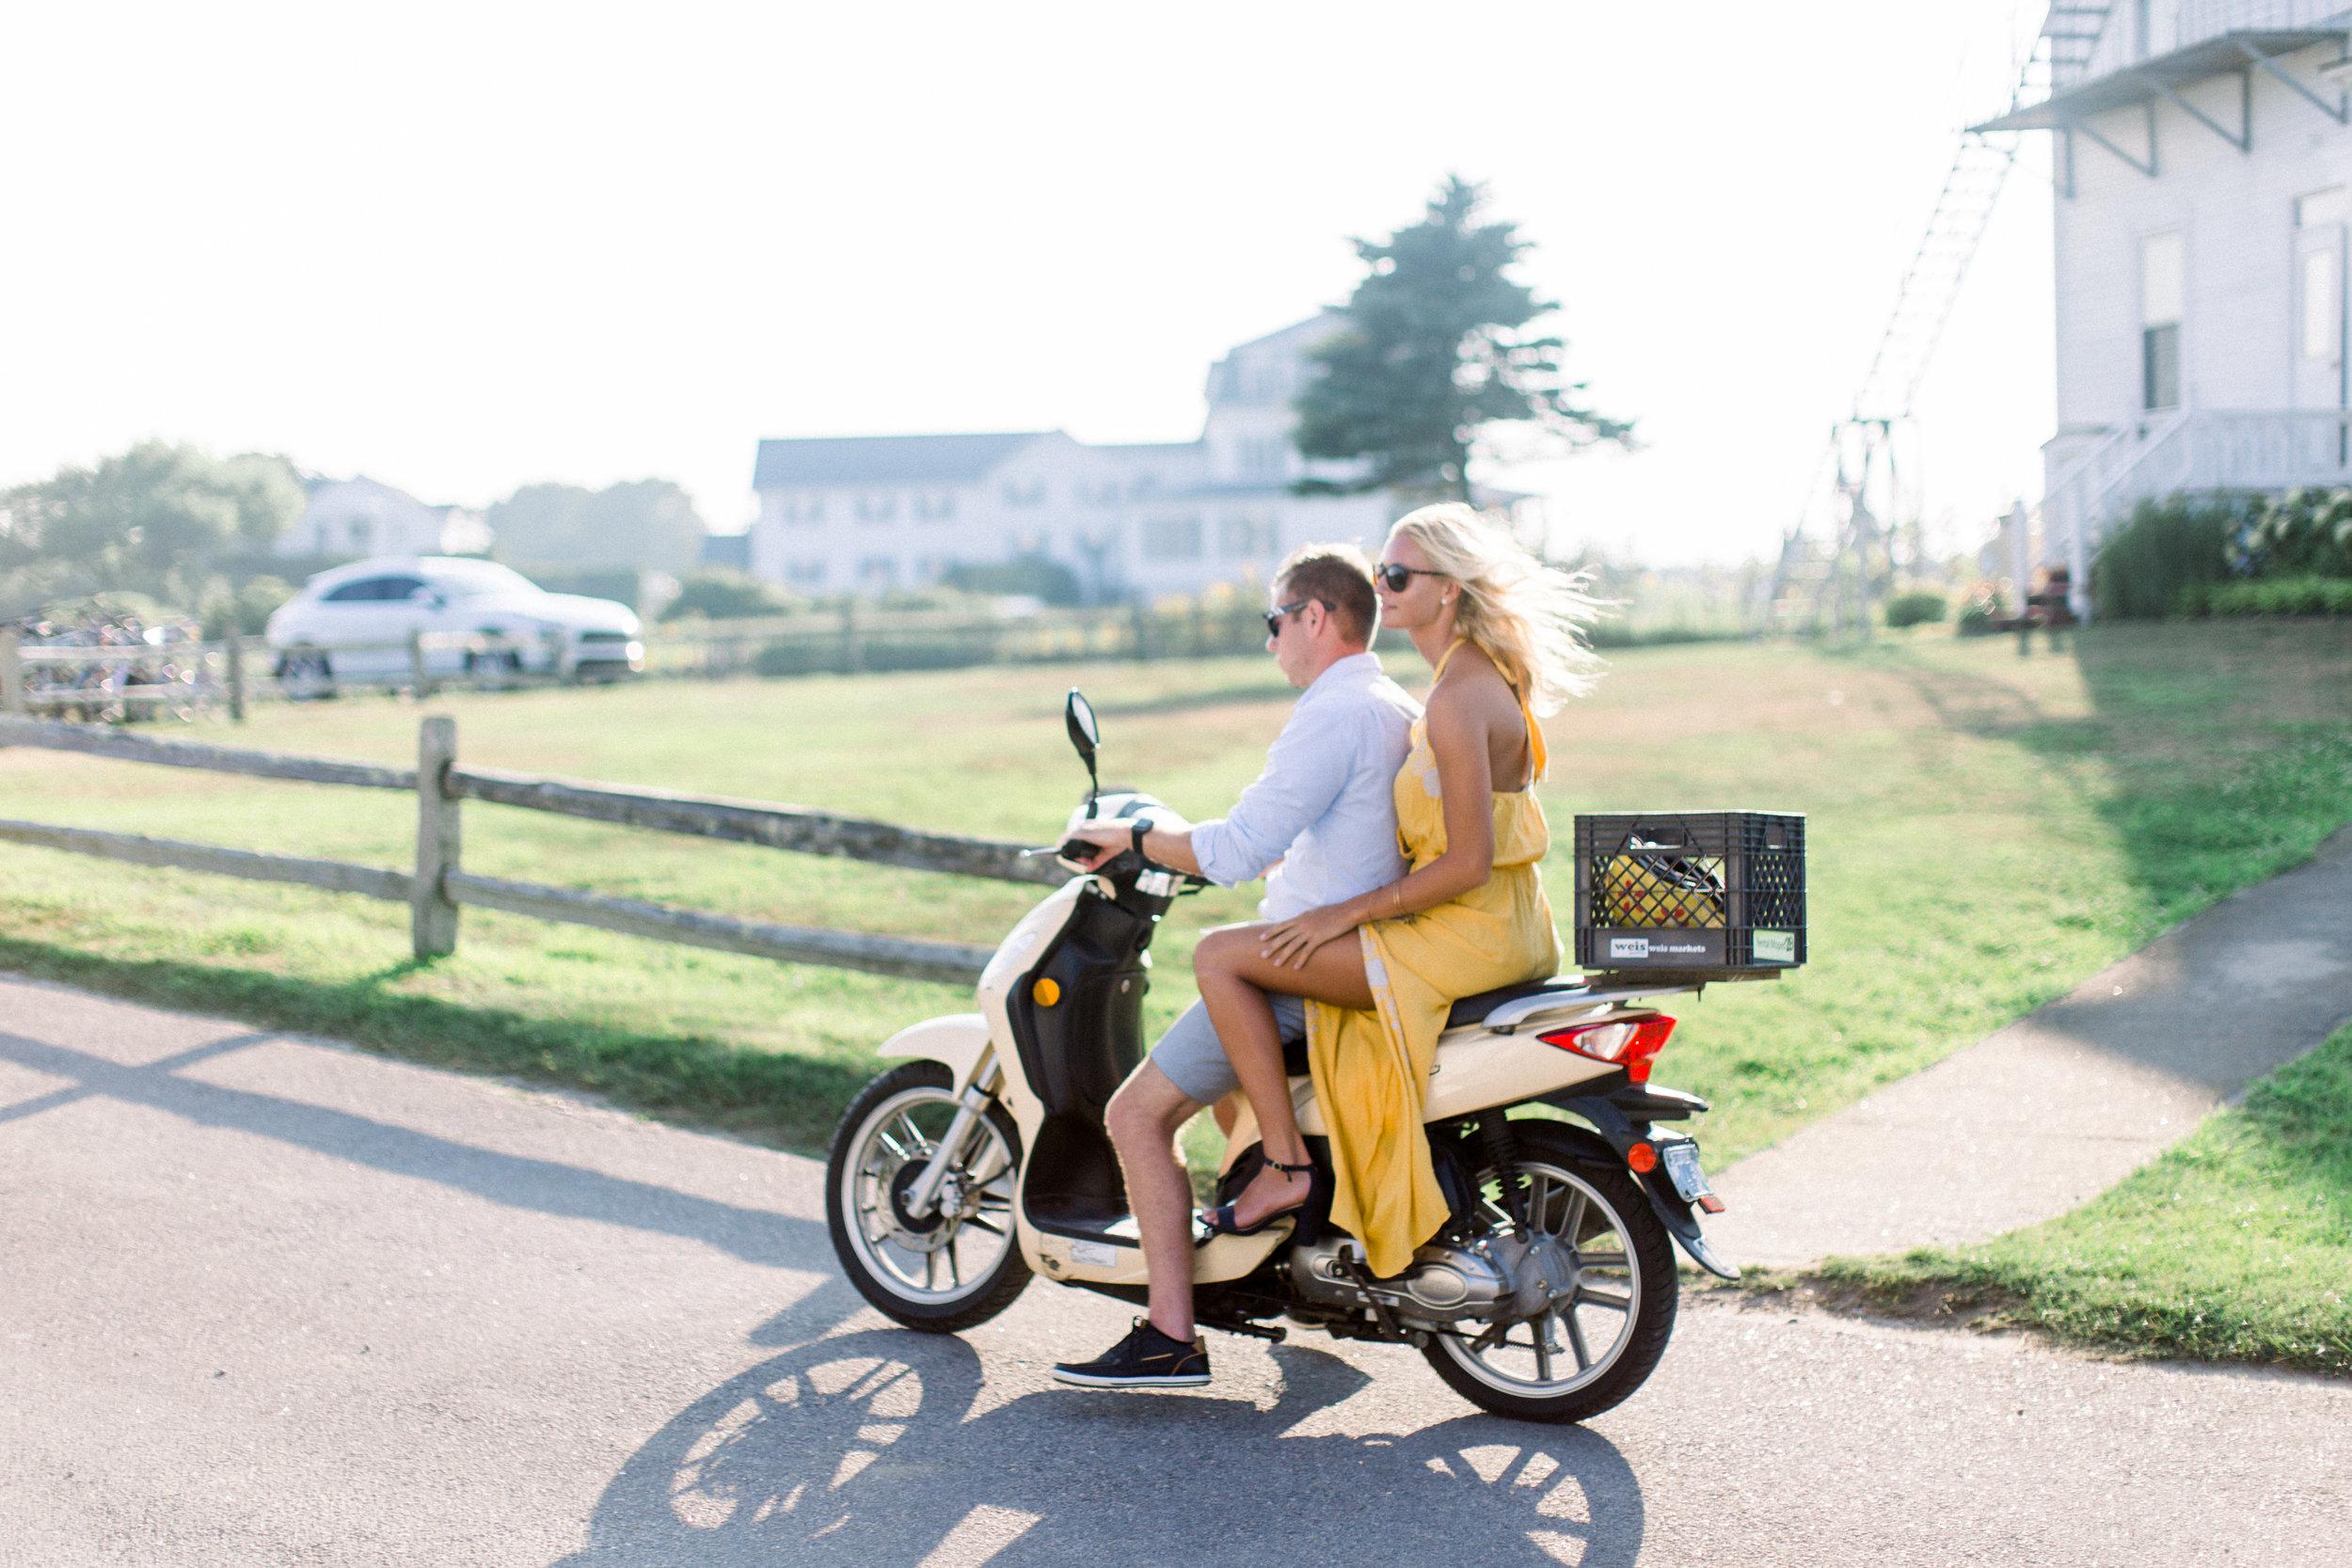 HM_Moped_-1.jpg